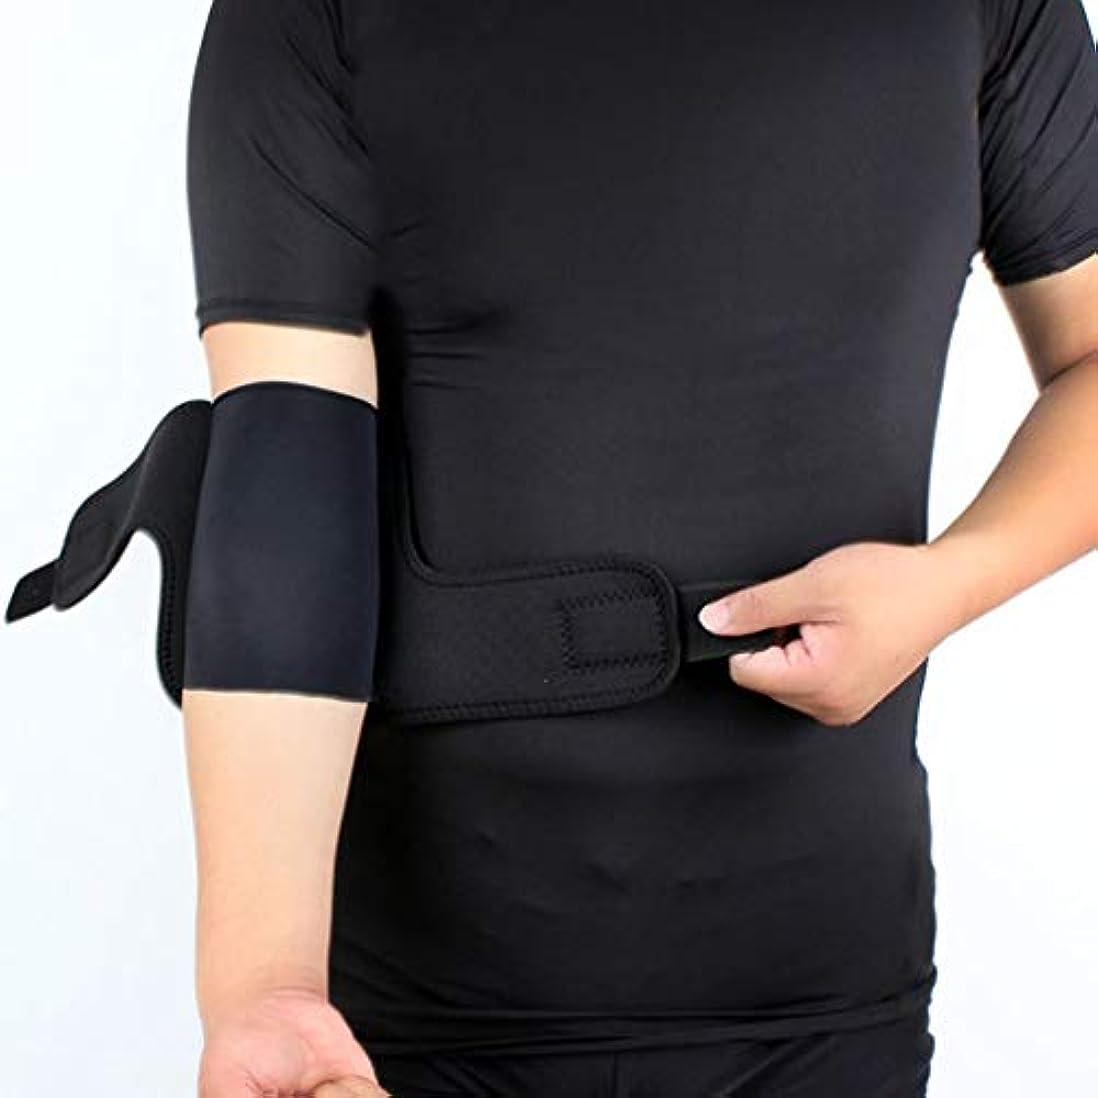 豊かな丁寧適合するスポーツ肘プロテクターバスケットボールアームガード通気性保護肘パッド-Rustle666